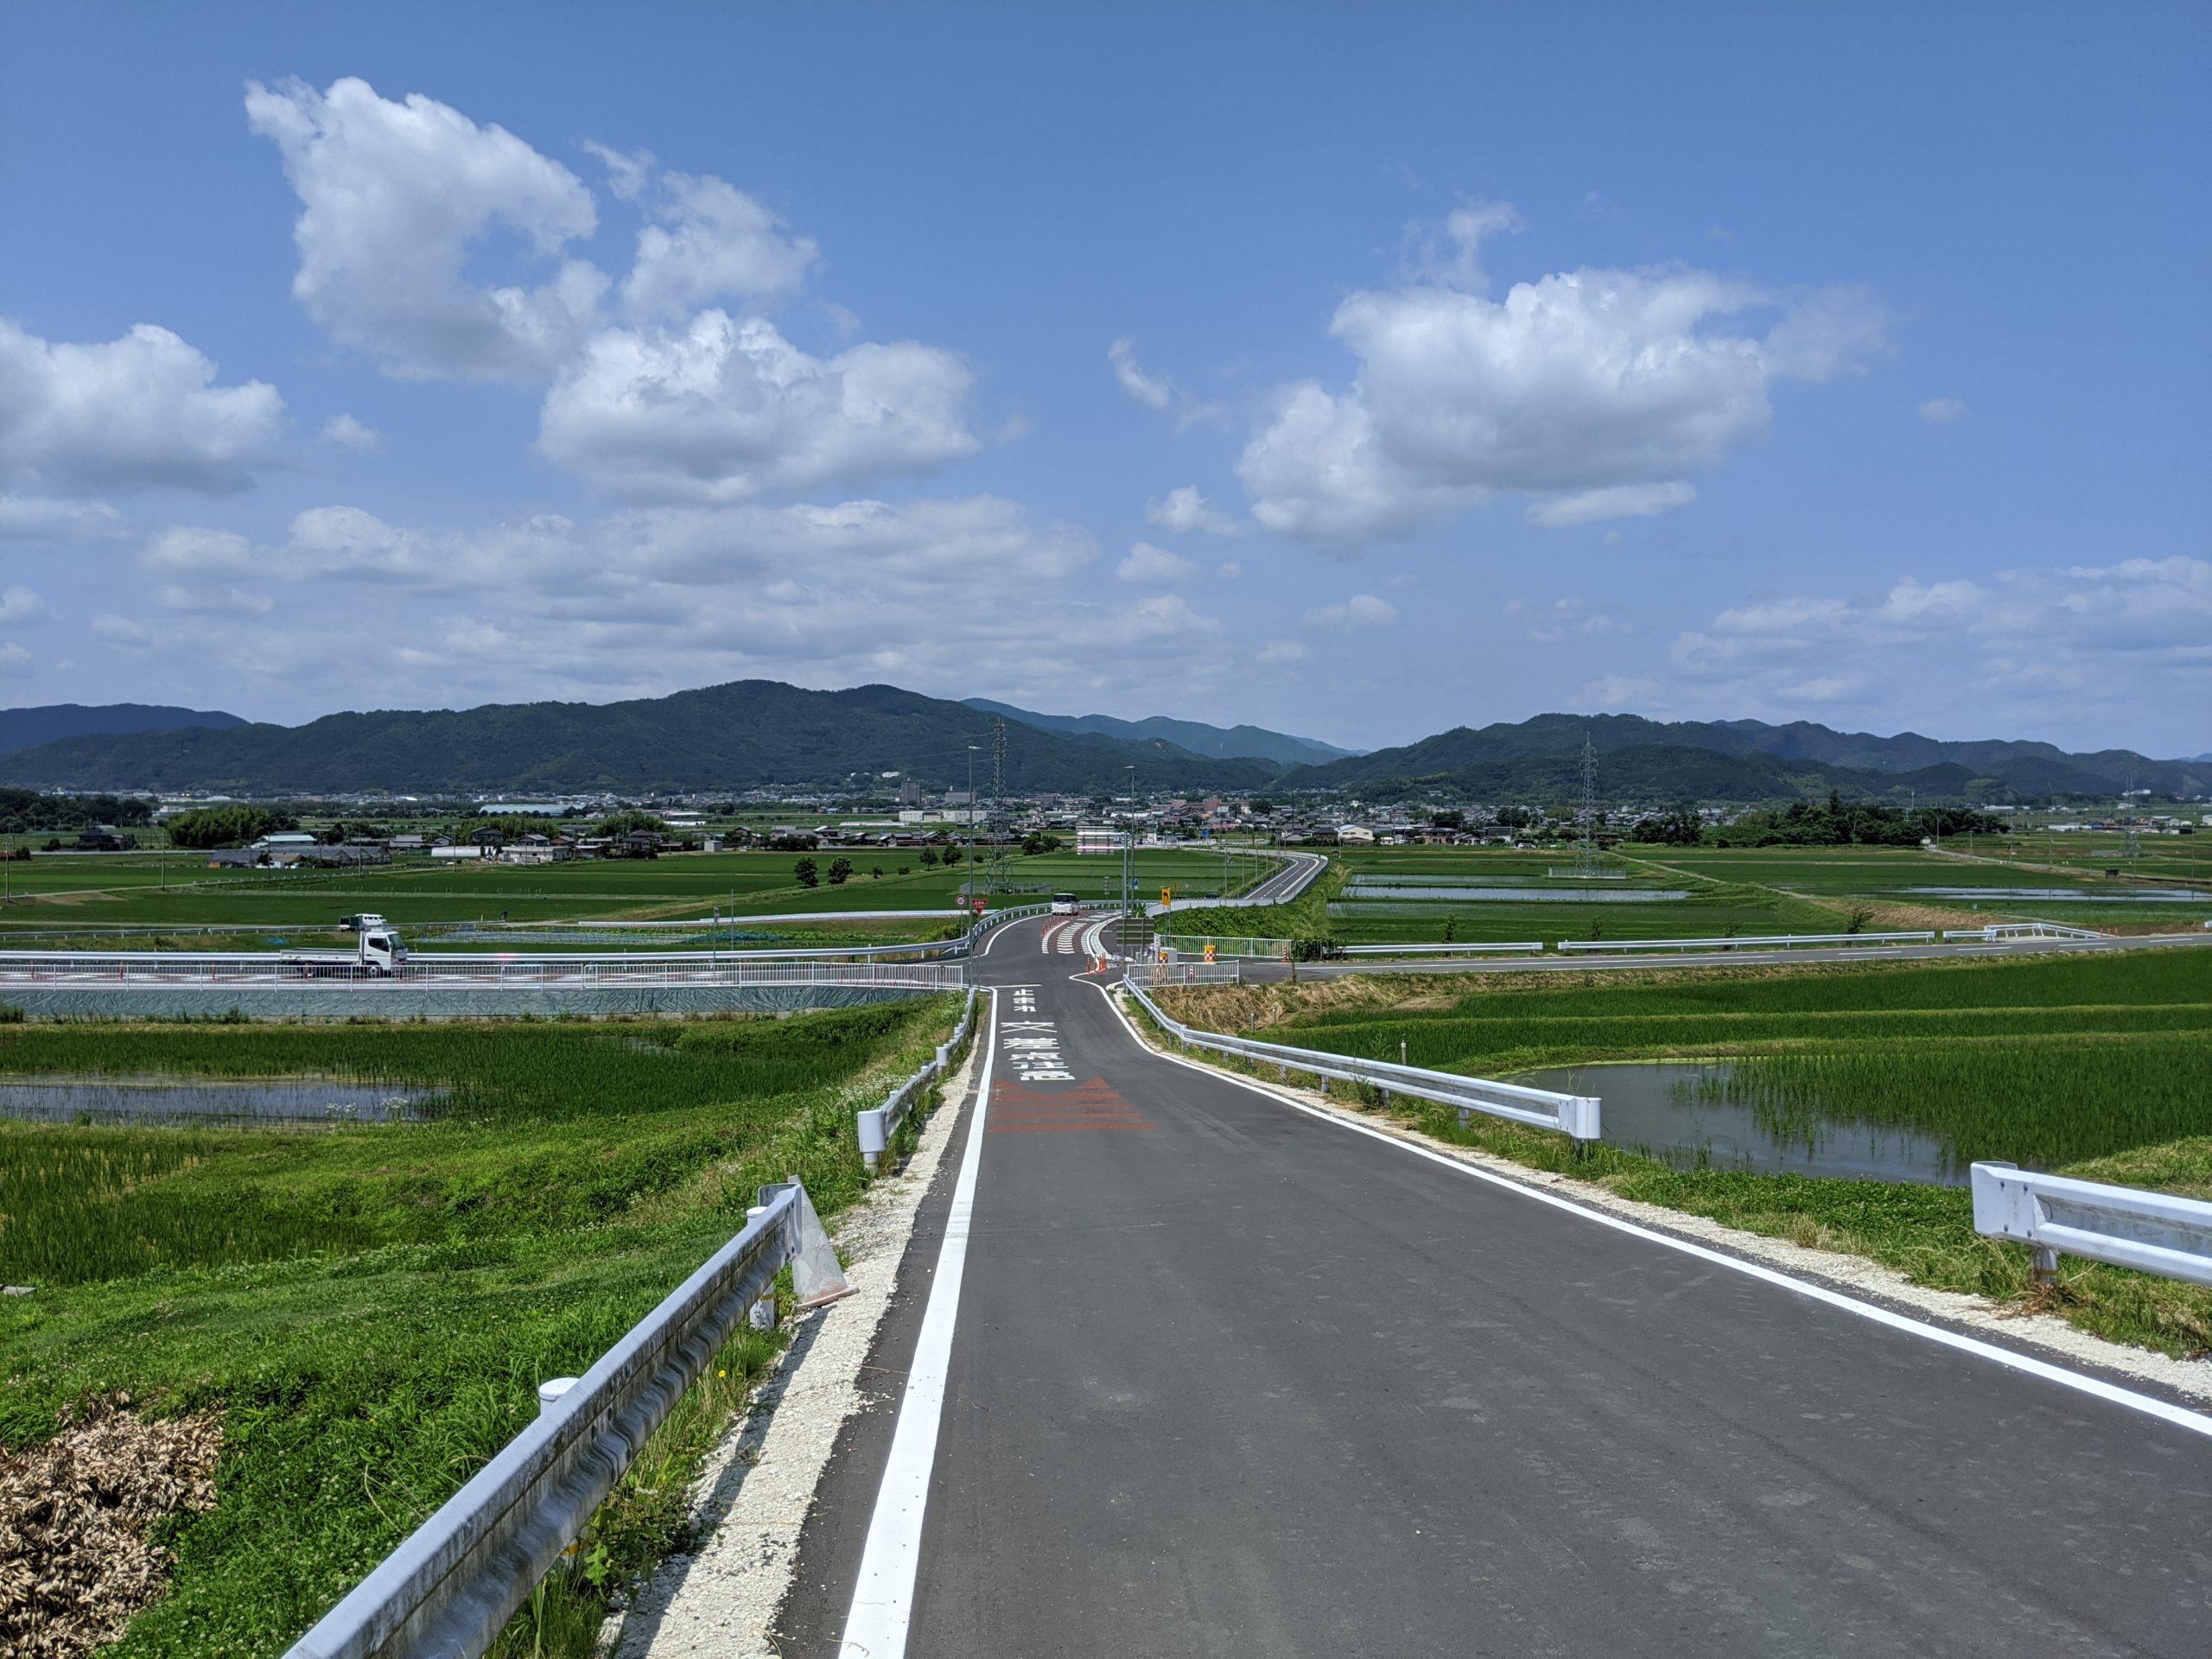 千歳町から見た馬路の風景